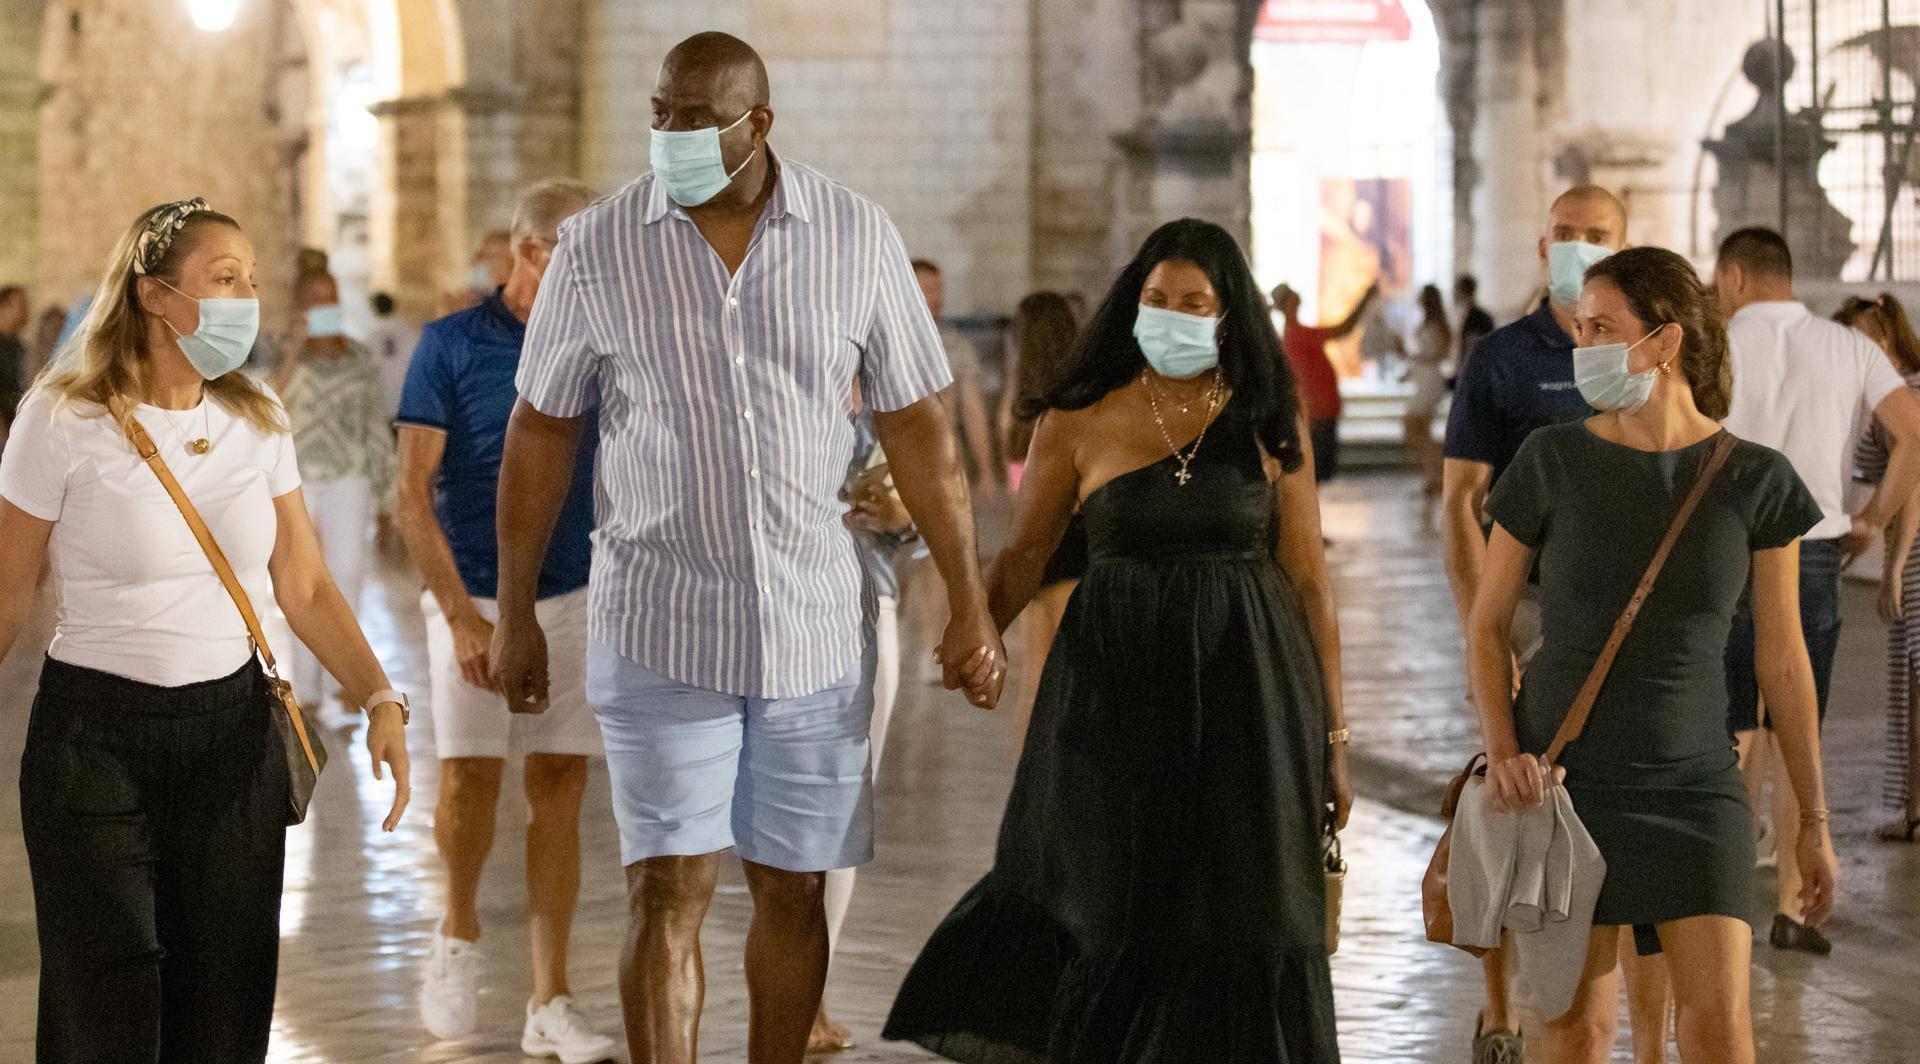 Johnson i žena 'skoknuli' su do Dubrovnika: Šetali su s maskom na licu pa je skinuli  za poziranje